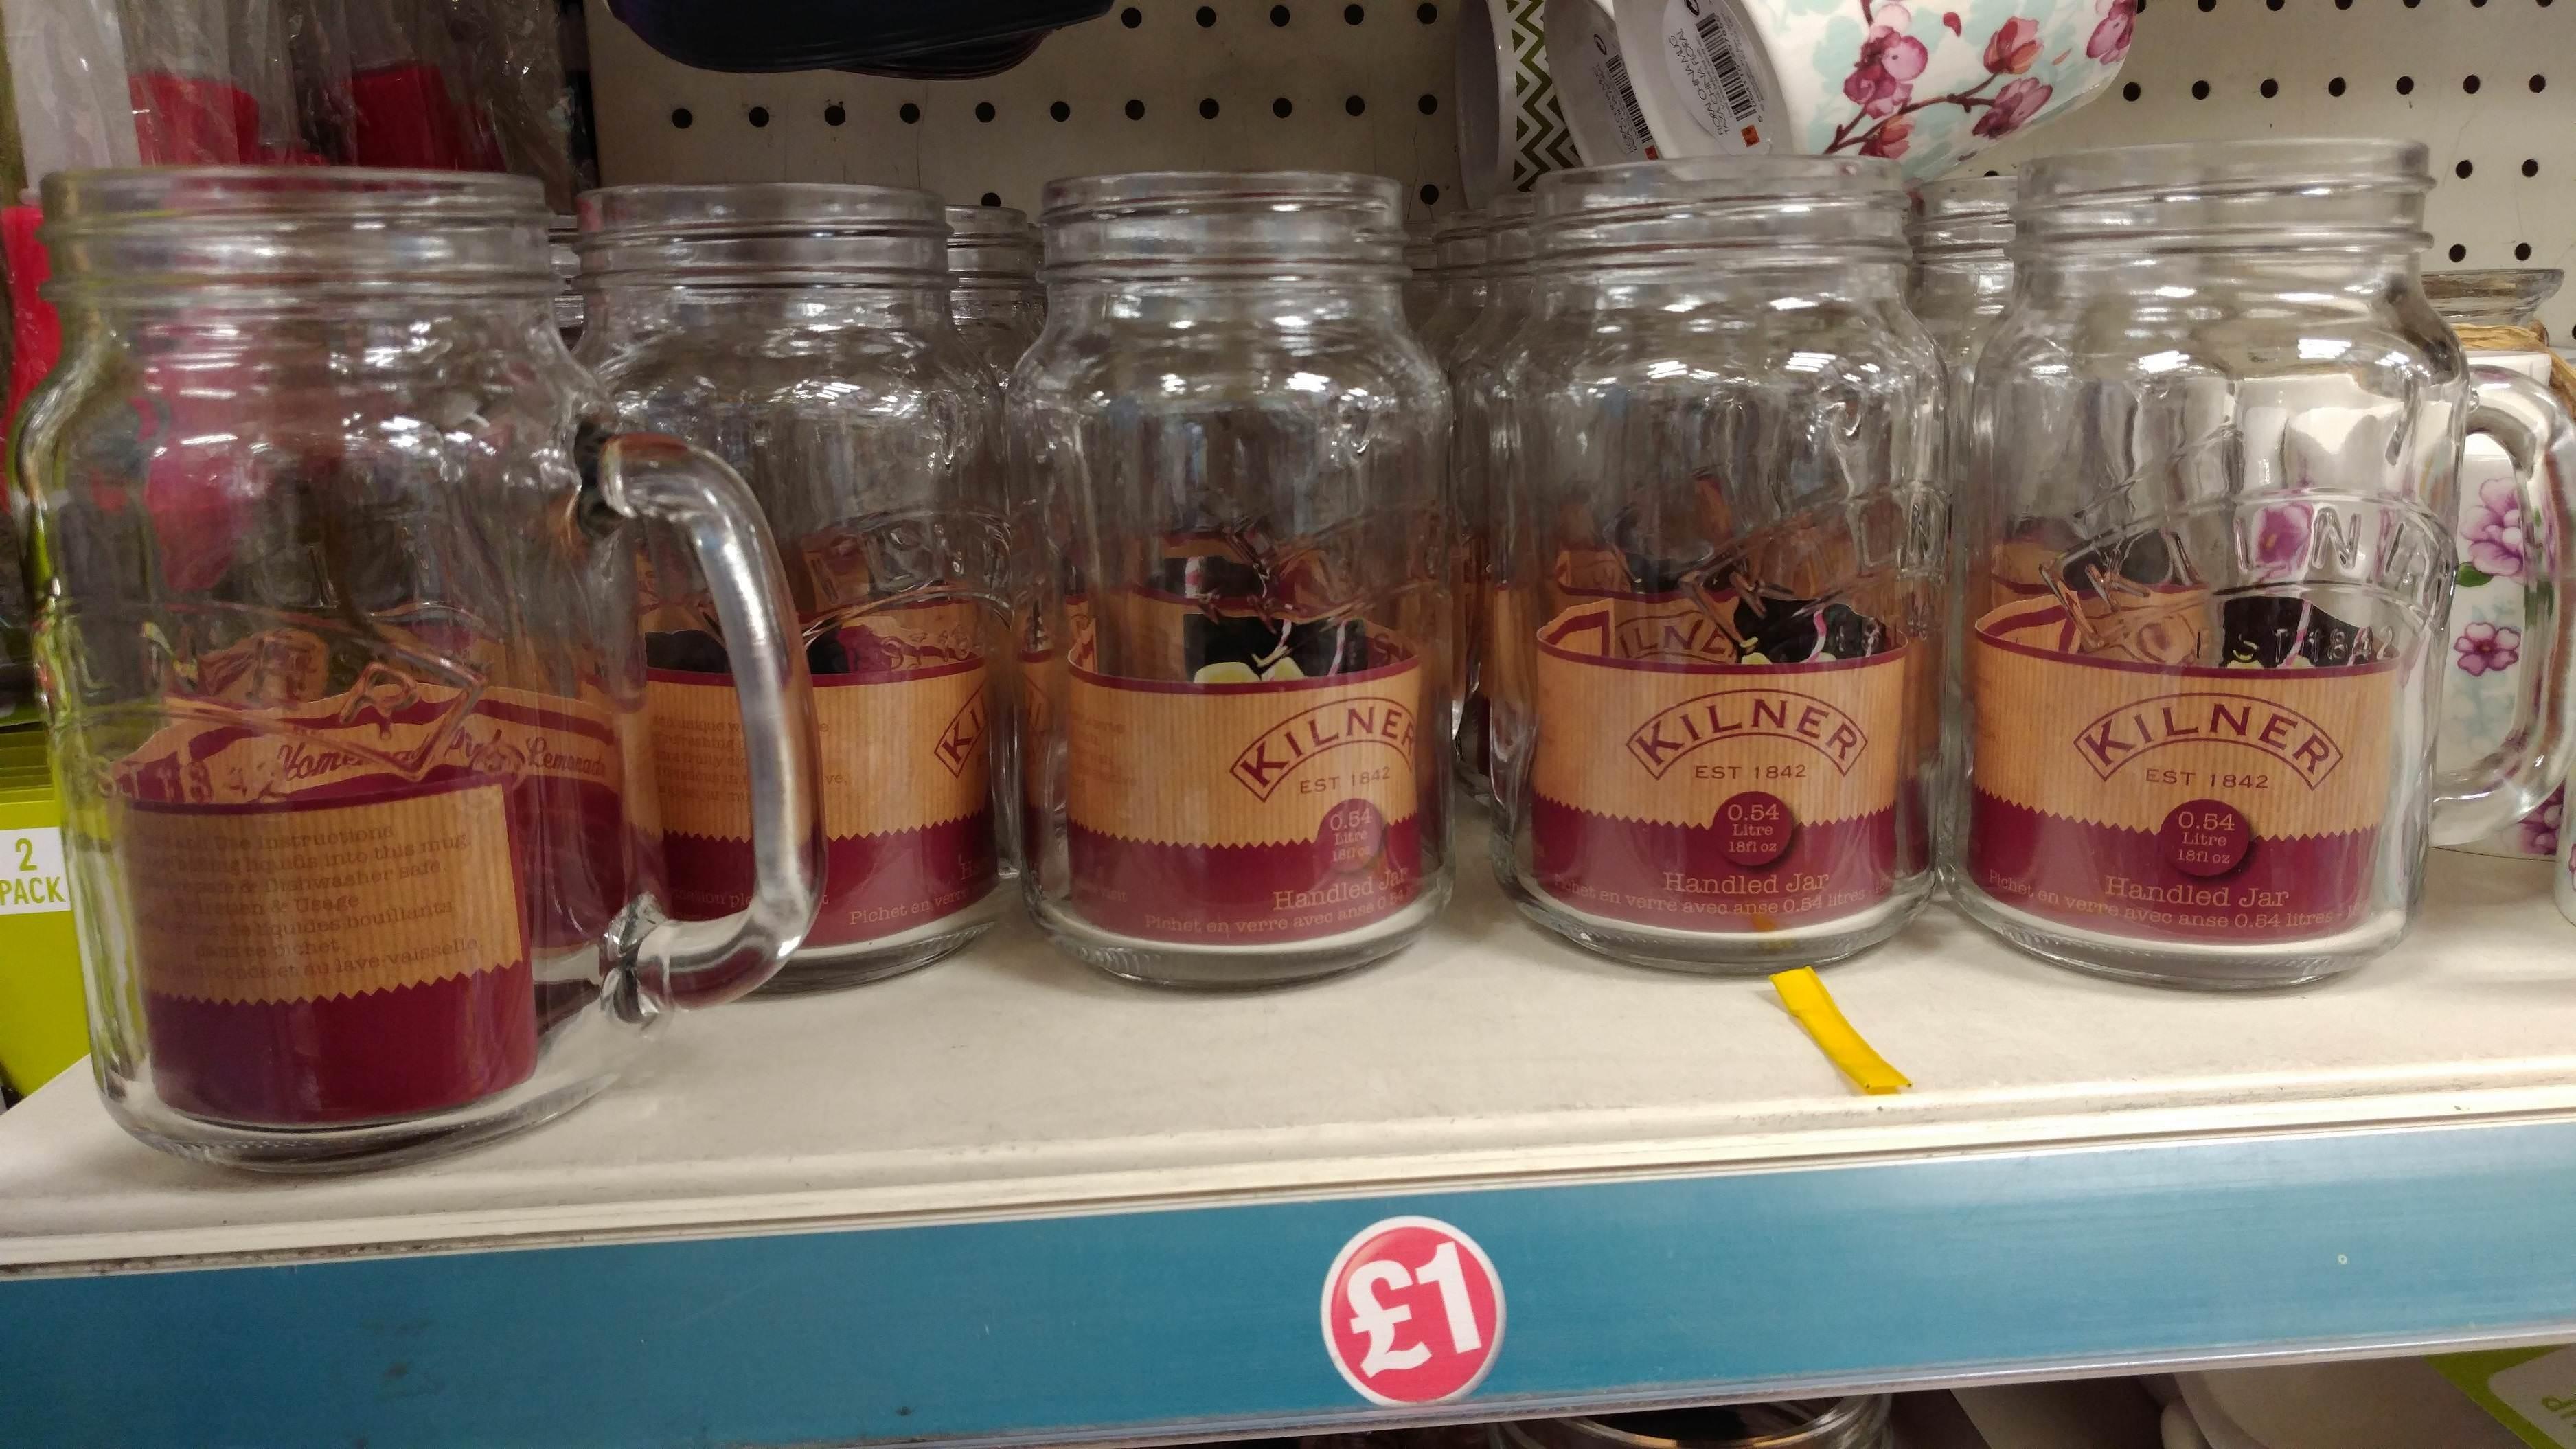 Kilner 0.54L Handled Jar, £1 @ Poundland In Store